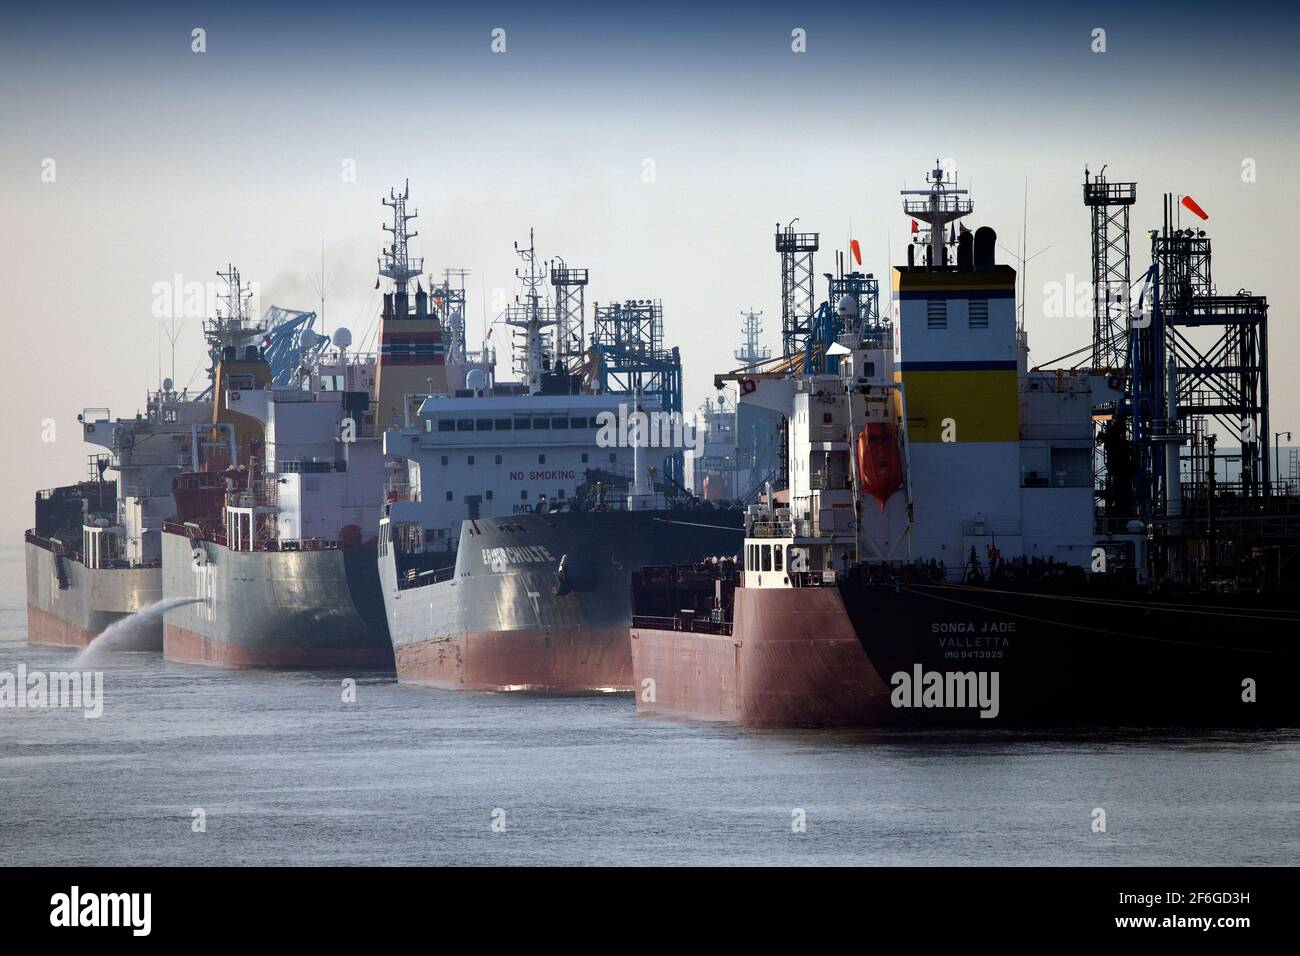 Pétroliers, pétrolier, pétrolier, raffinerie, jetée, Fawley, Southampton, eau, Fawley, New Forest, Hampshire, Angleterre, Royaume-Uni, Banque D'Images